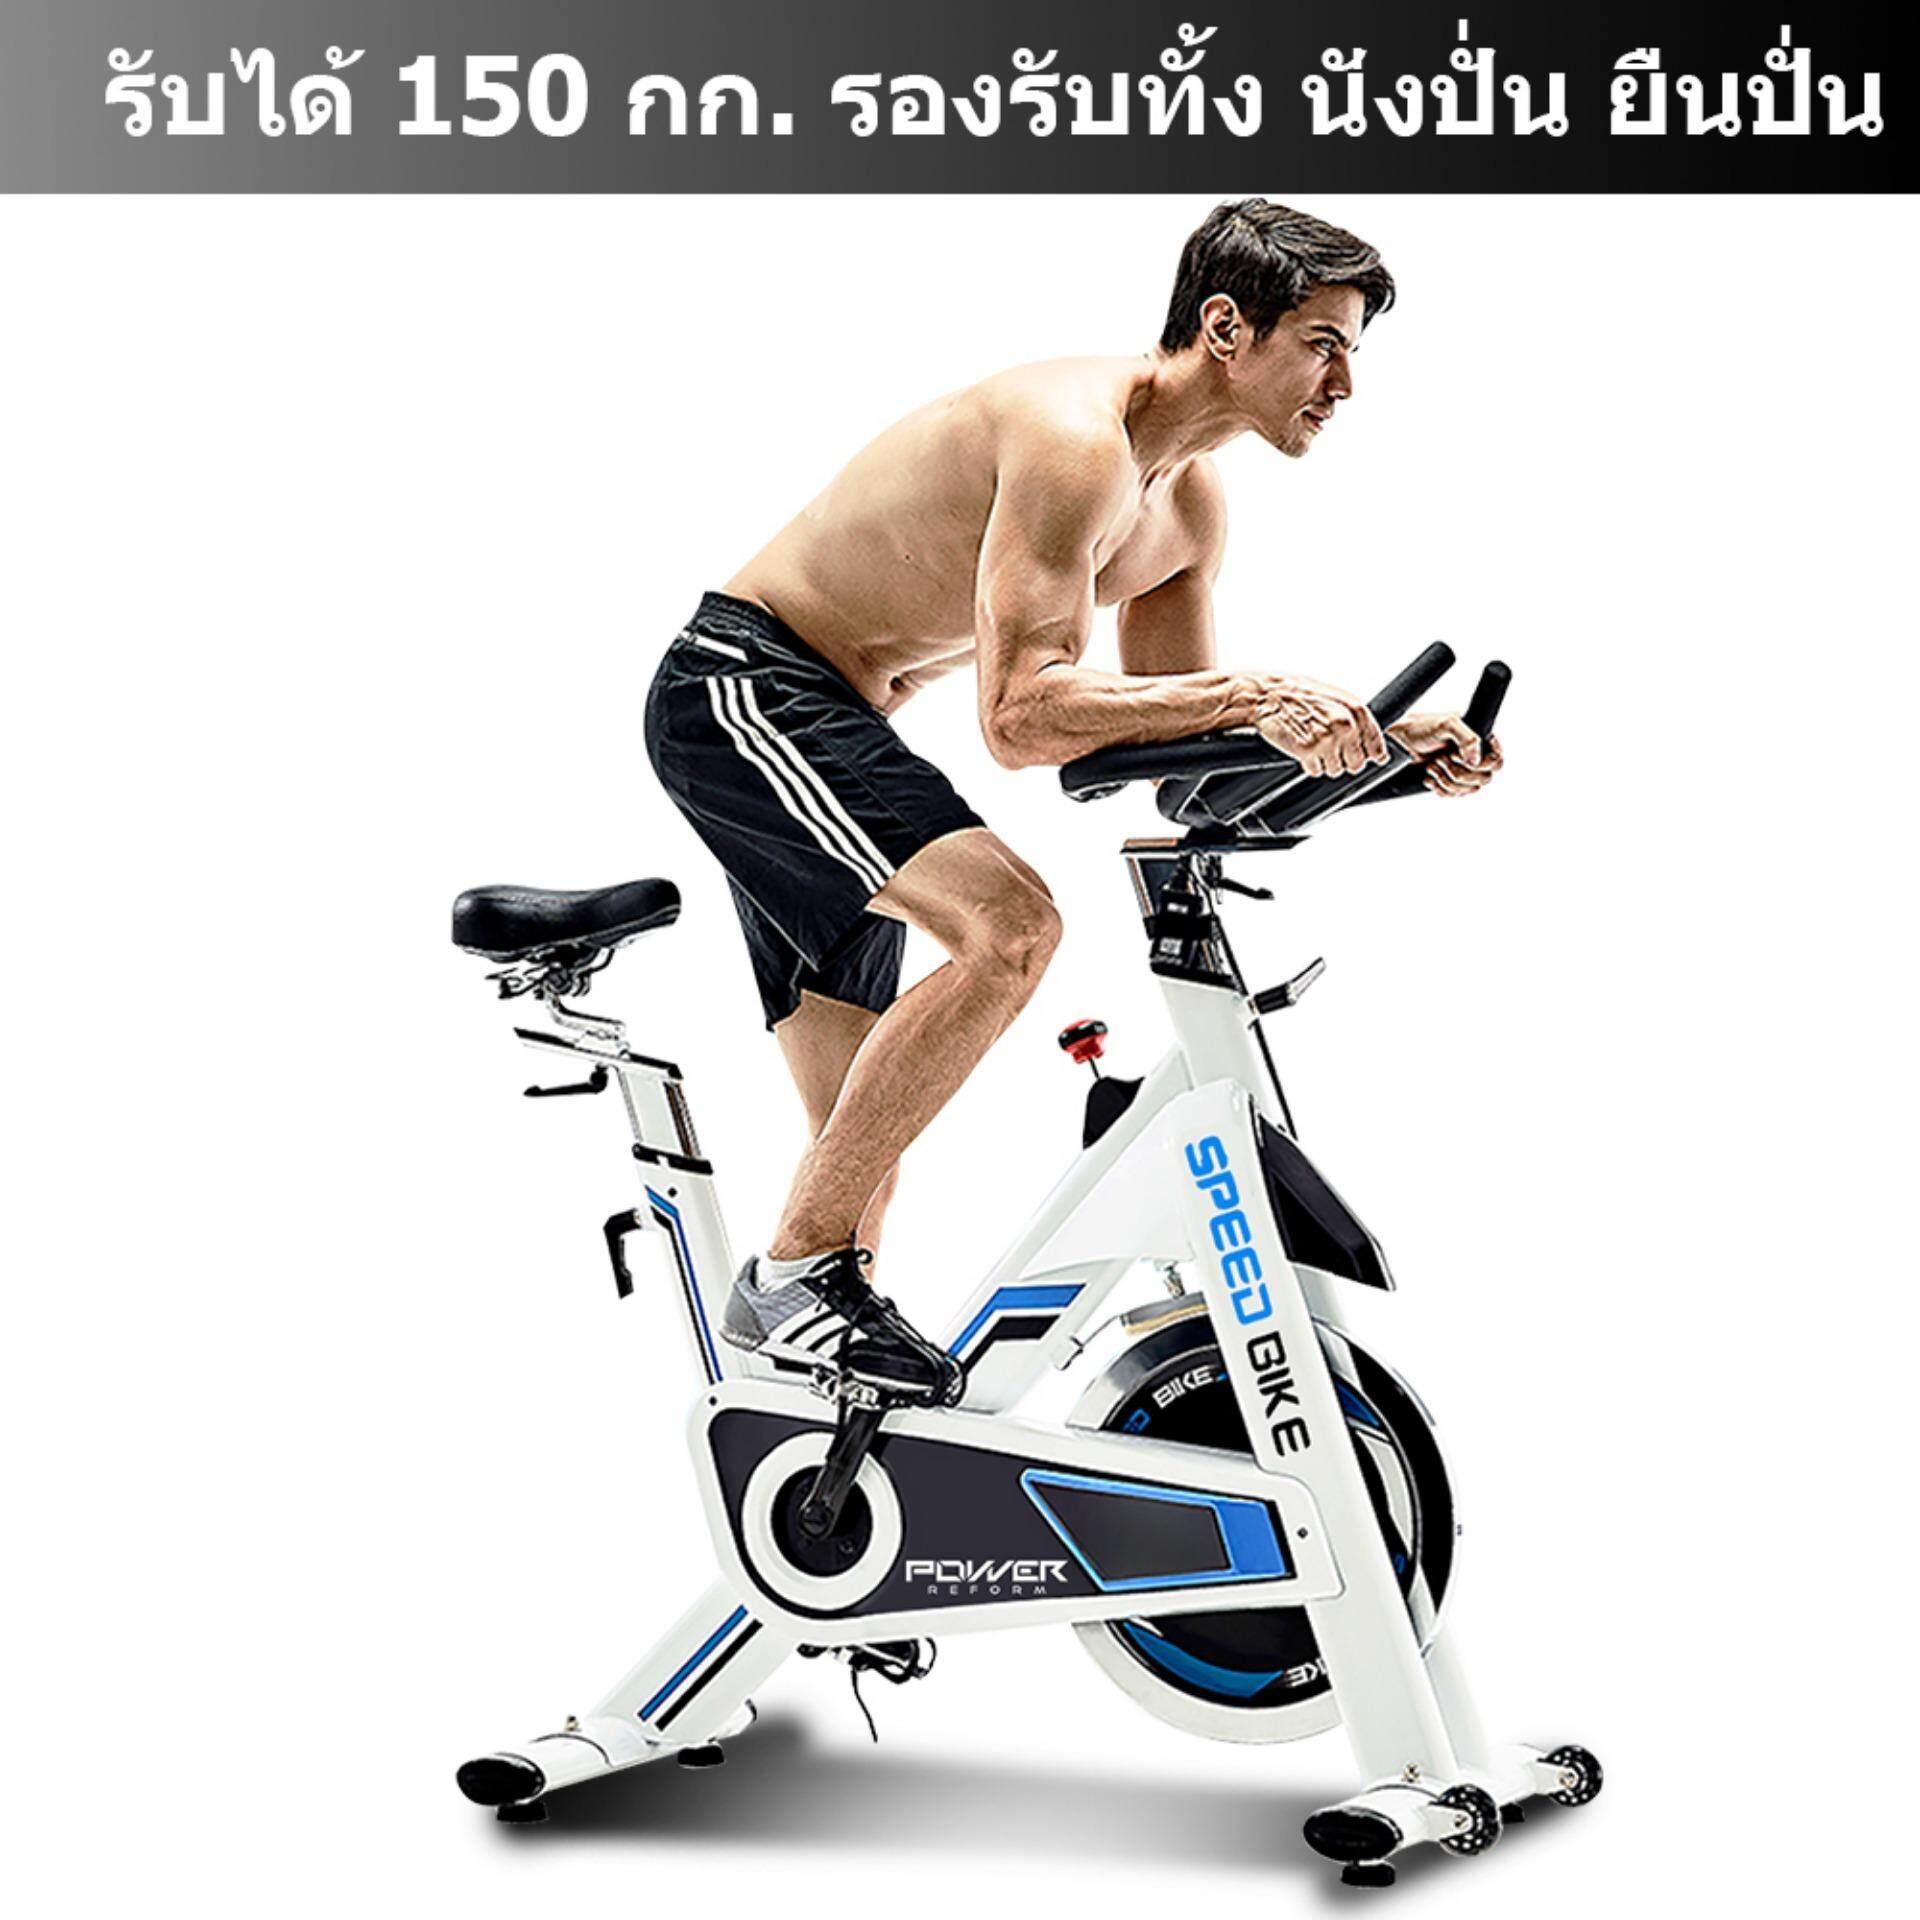 จักรยานออกกำลังกาย  Power Reform รุ่น Speed Bike White Sale สุด ๆ ลด -54%